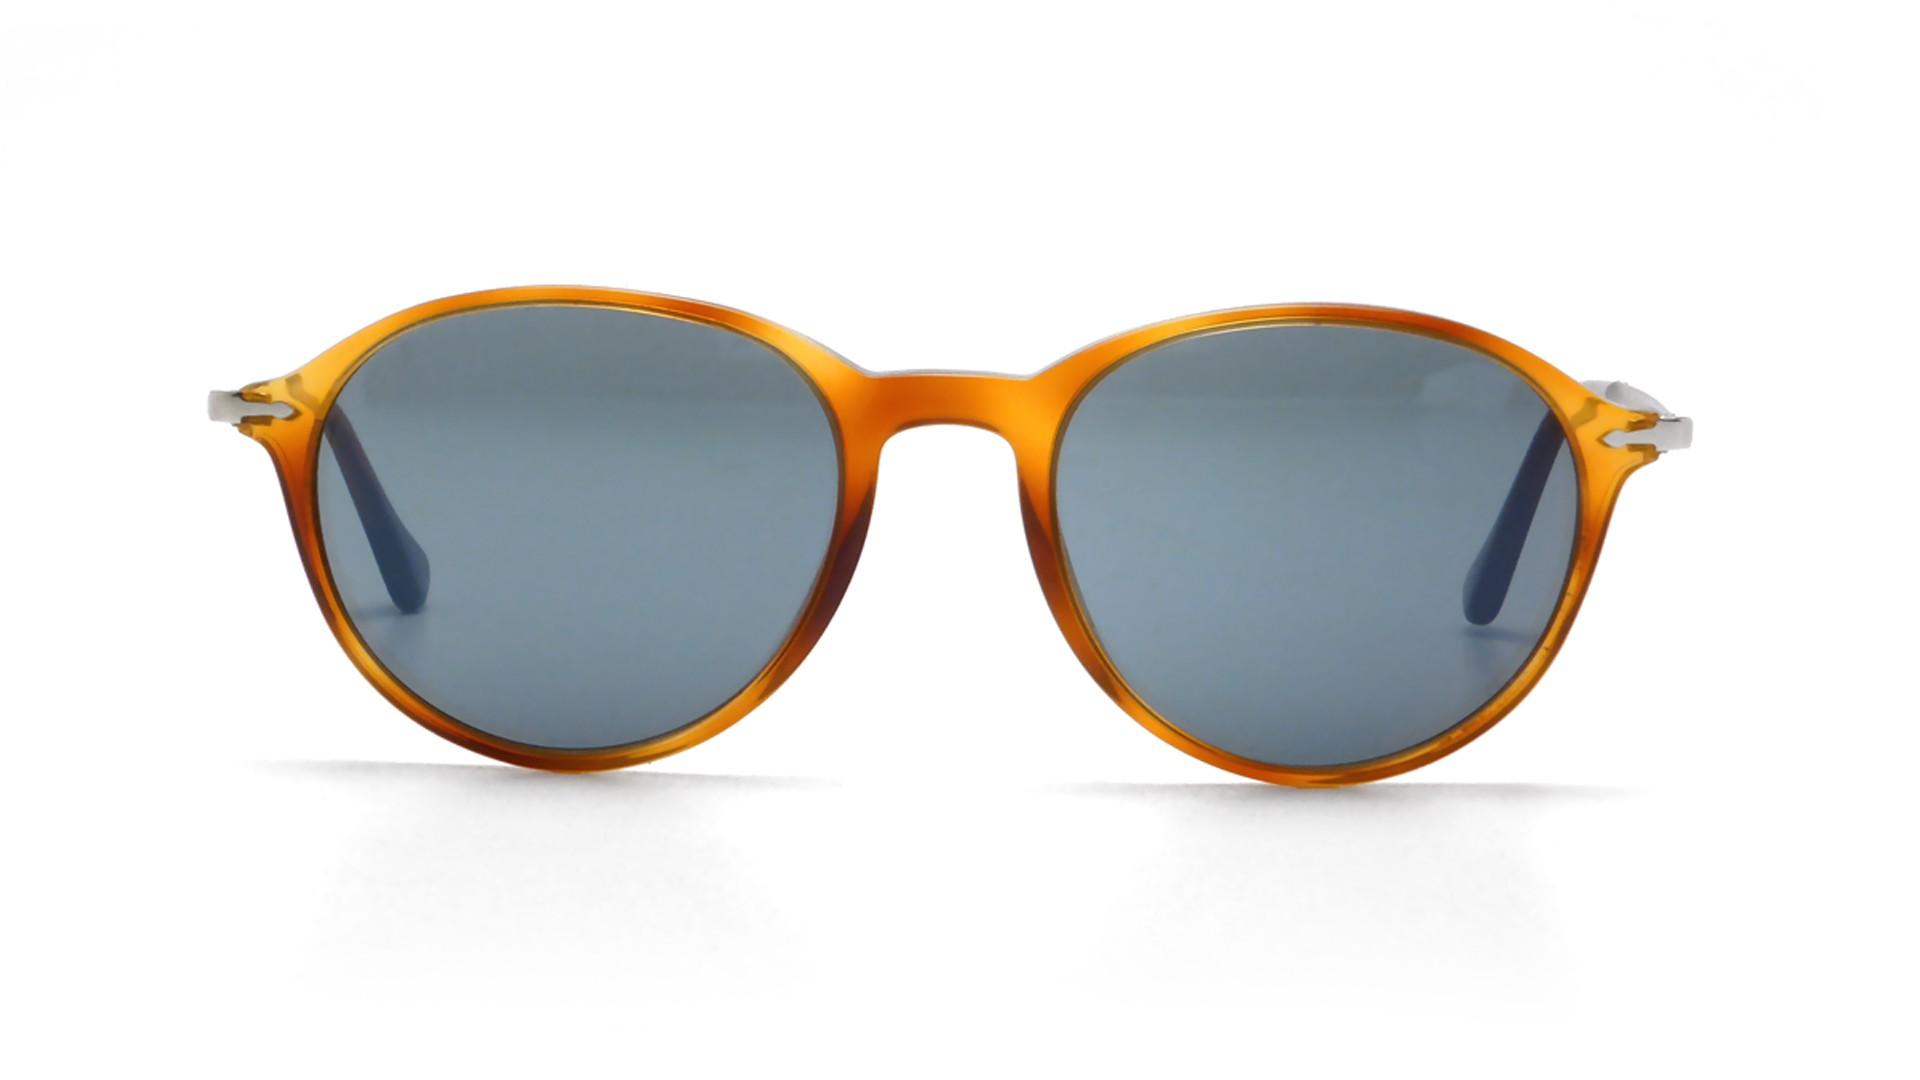 4e5336b52fe02 Sunglasses Persol Reflex Edition Tortoise PO3125S 96 56 49-19 Small